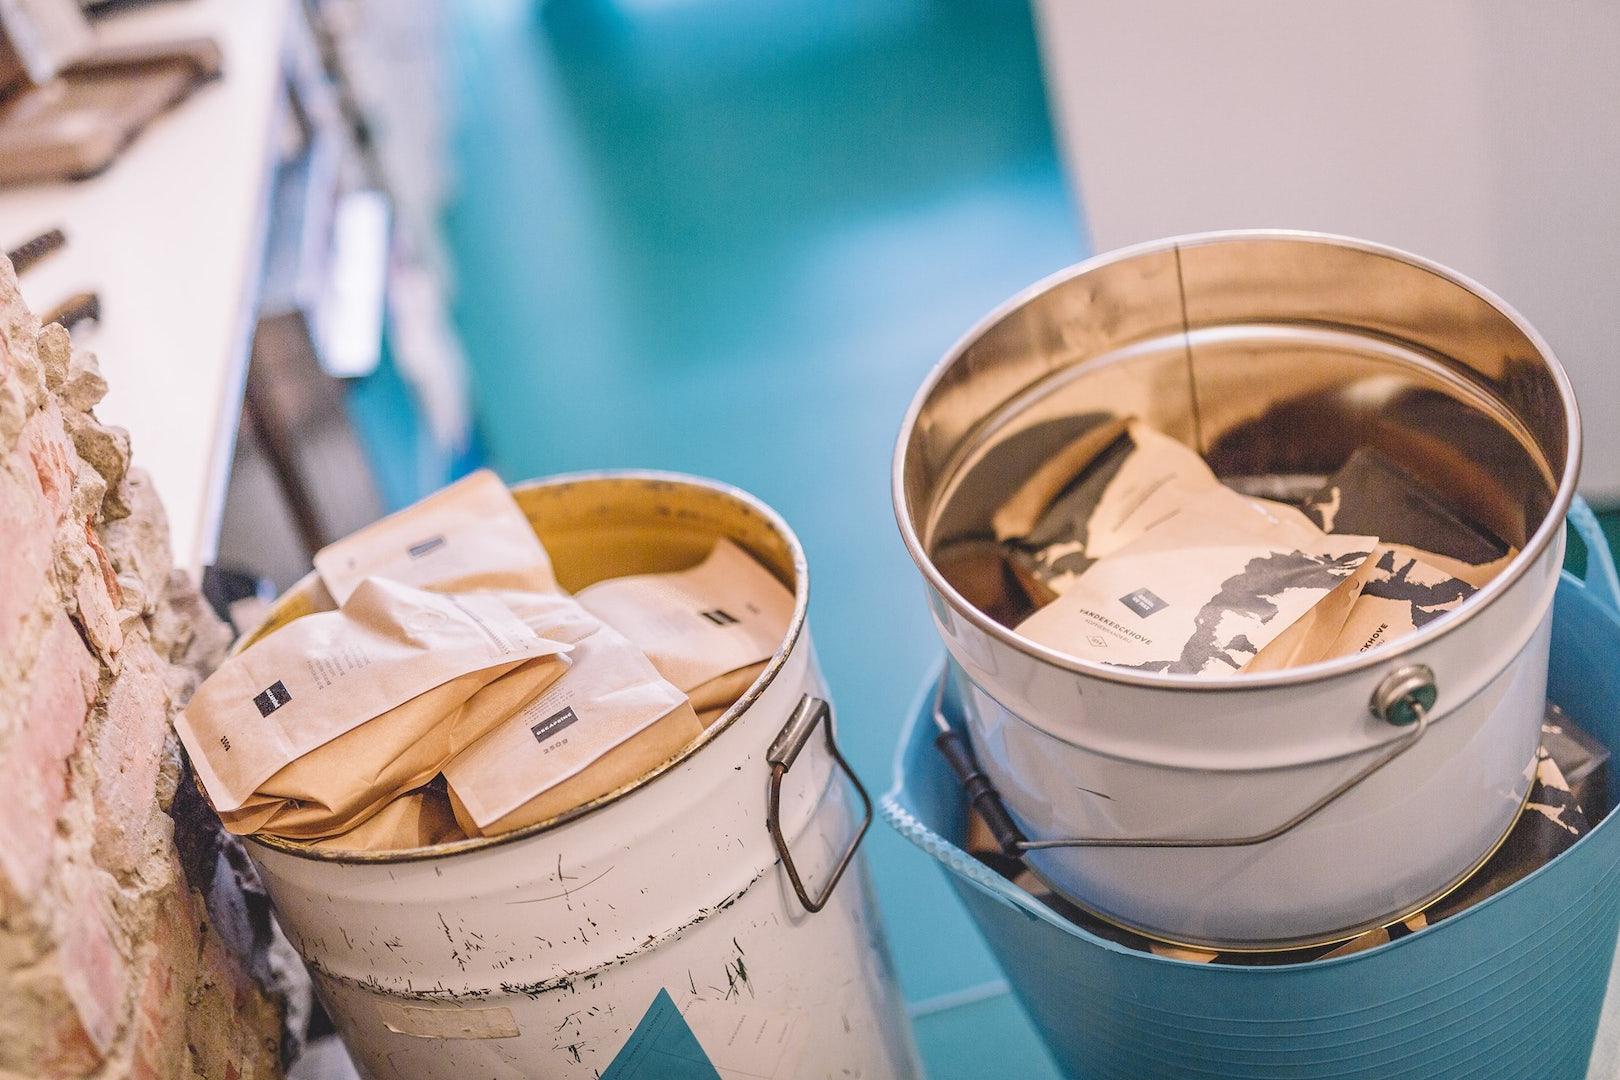 coffee from Vandekerckhove Koffiebranderij